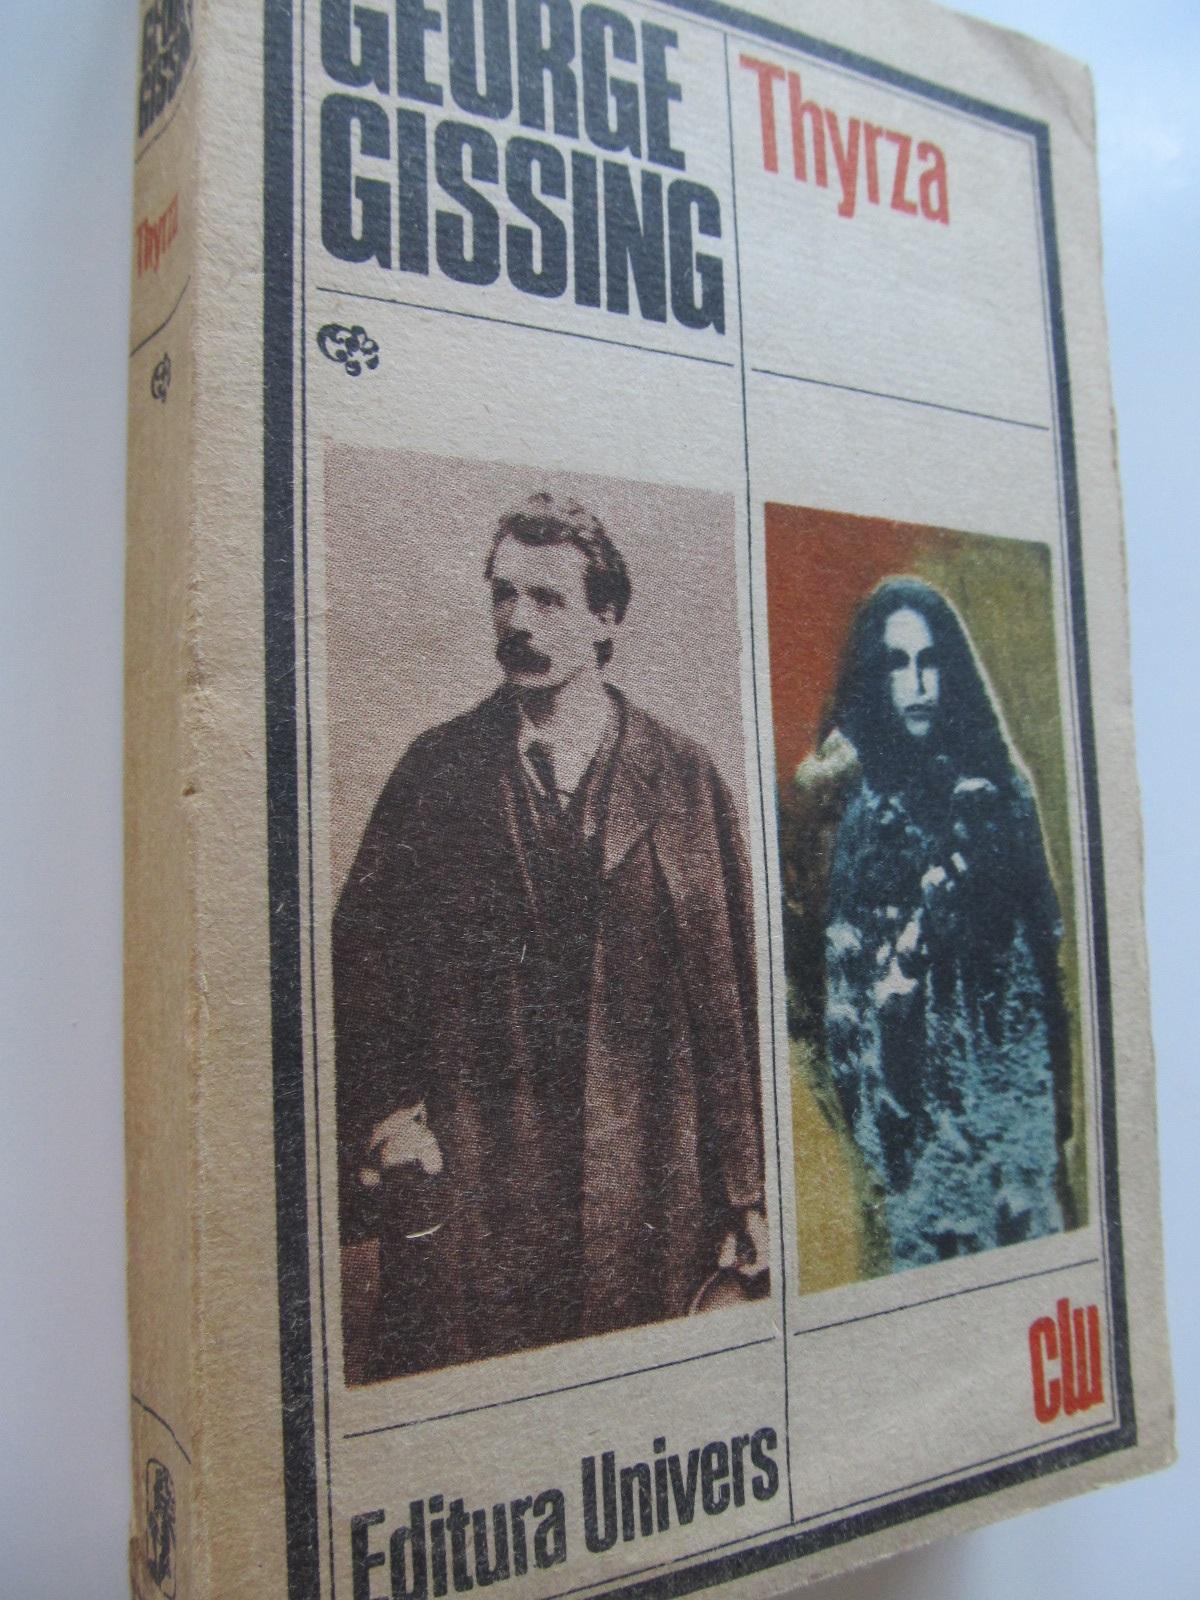 Thyrza - George Glissing | Detalii carte